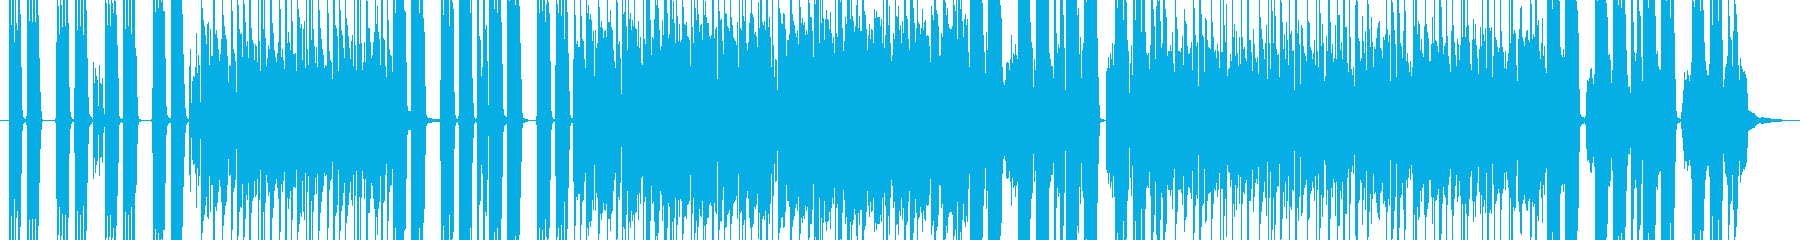 インパクトのあるハードロックBGM の再生済みの波形